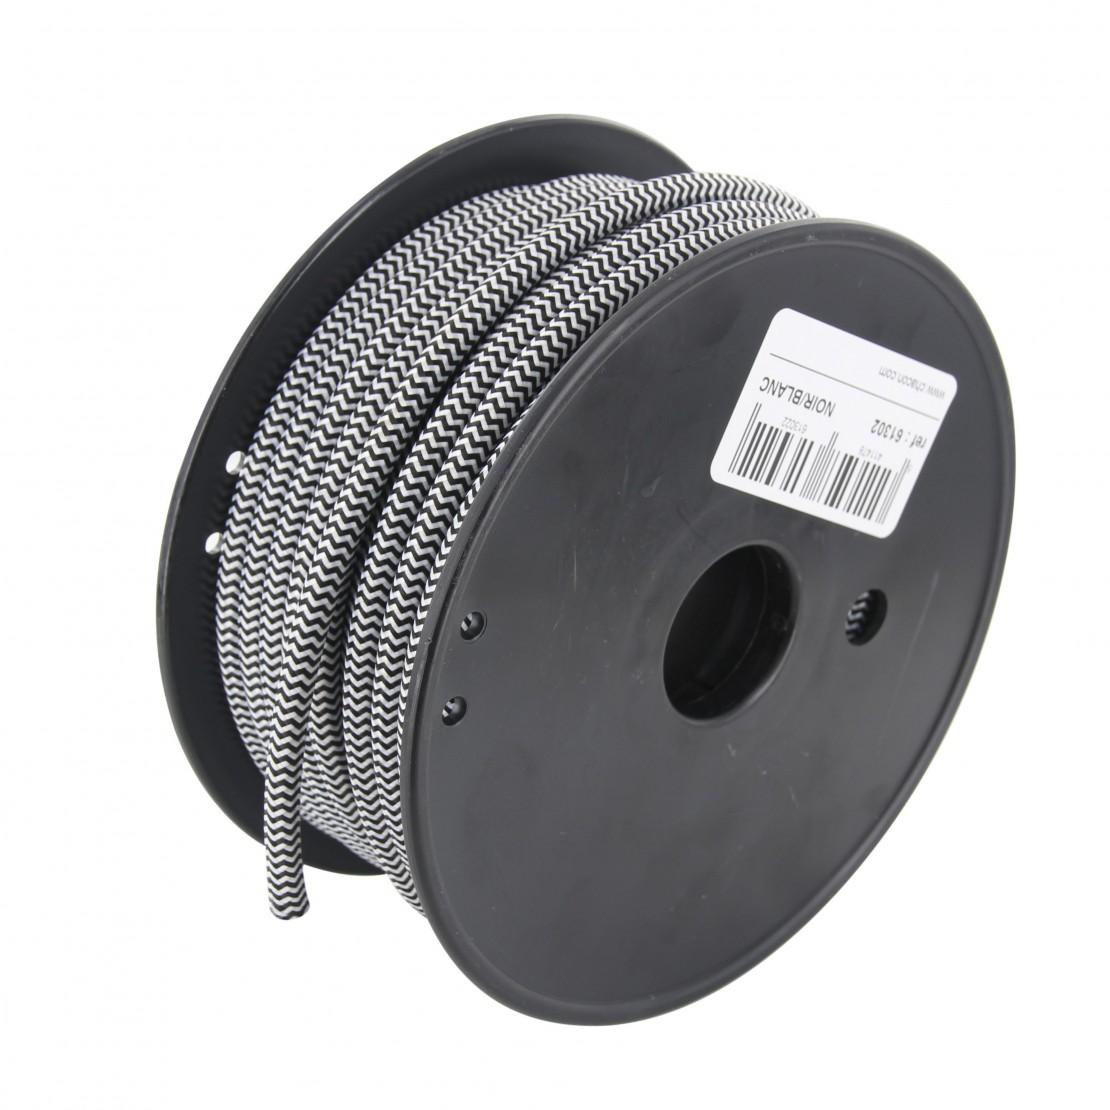 Bobina de cabo têxtil branco/preto 20m